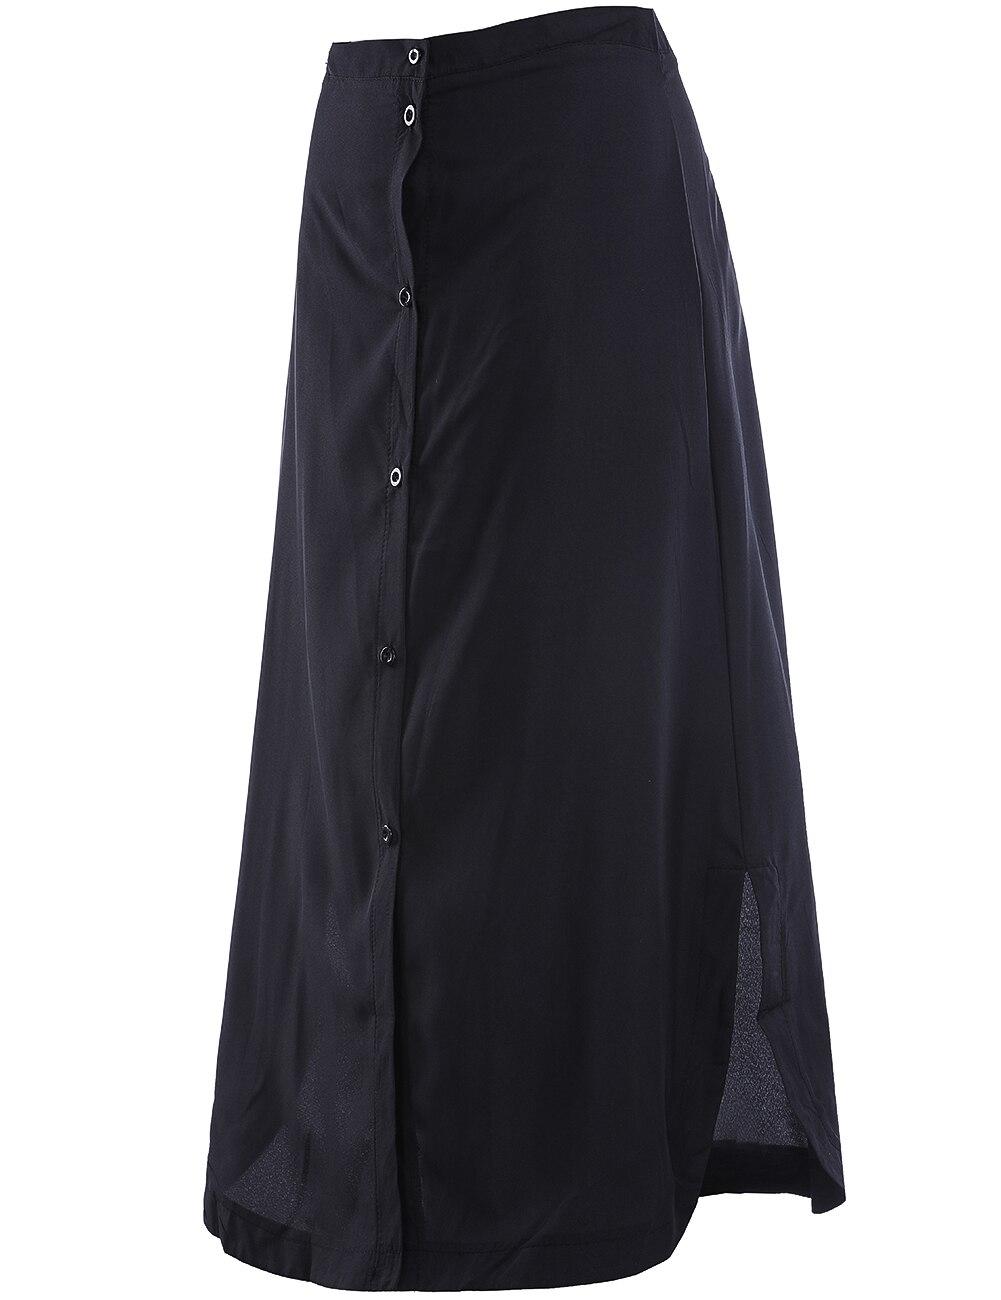 Женский, черный Разделение Макси Юбки для женщин Новое поступление 2018 г. пикантные Летний стиль Для женщин S Повседневное длинная юбка насто...